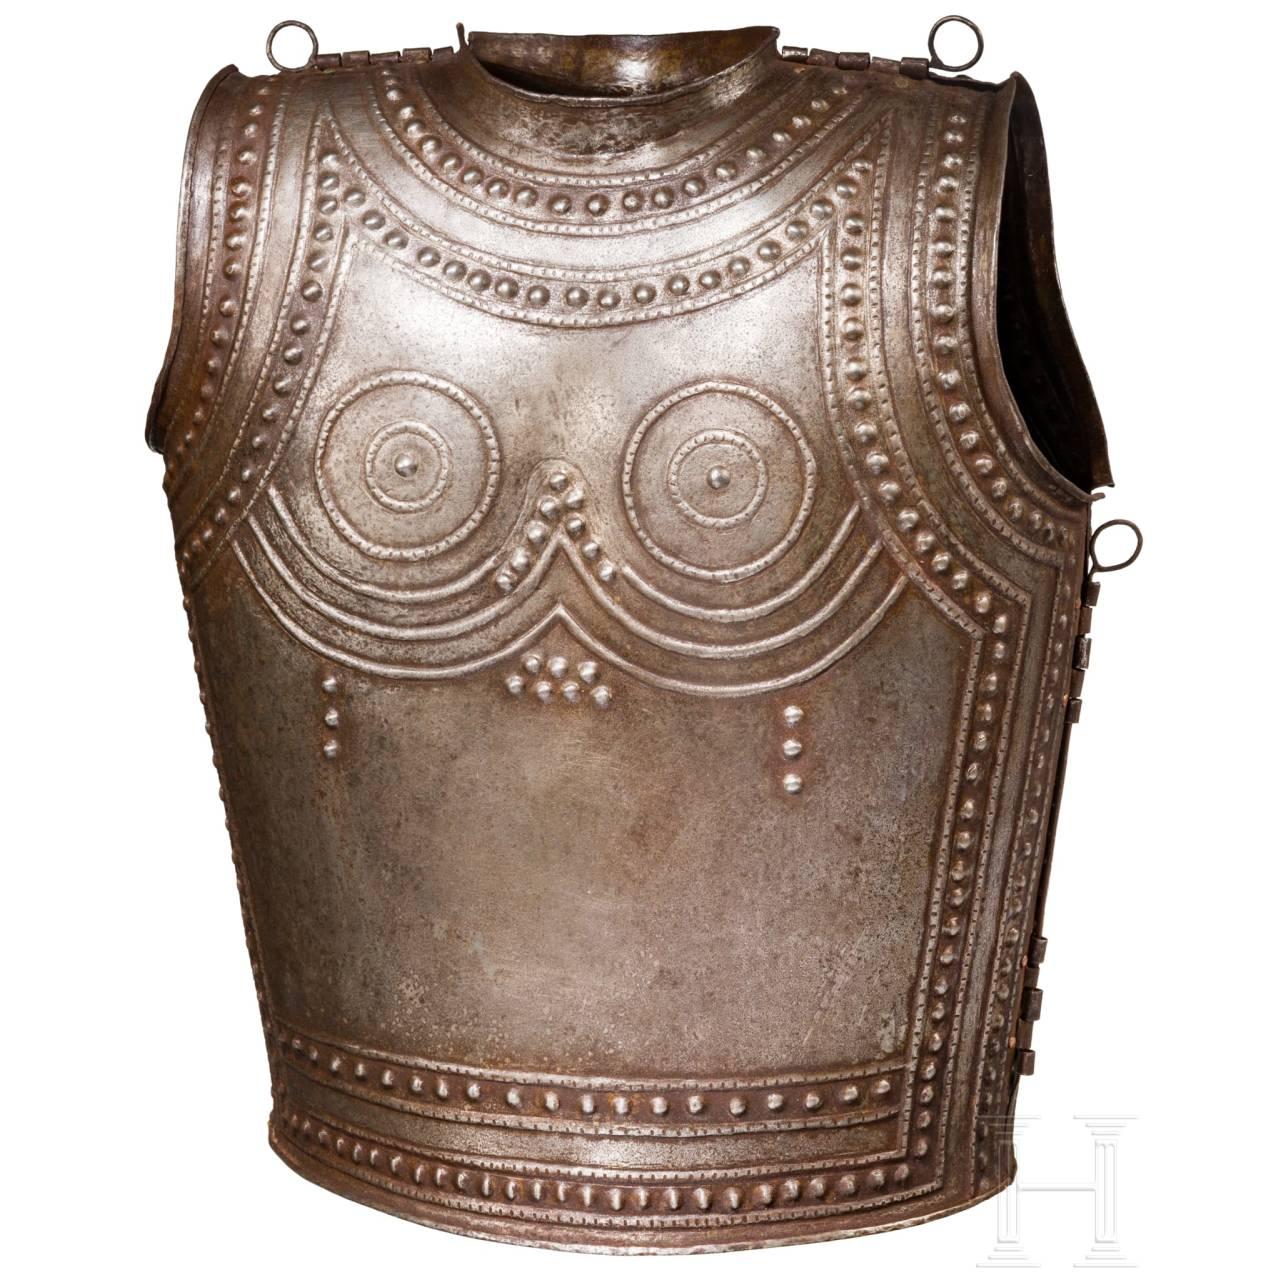 Eiserner Brustpanzer nach dem keltischen Vorbild aus Marmesse, Sammleranfertigung im Stil des 9./8. Jhdts. v. Chr